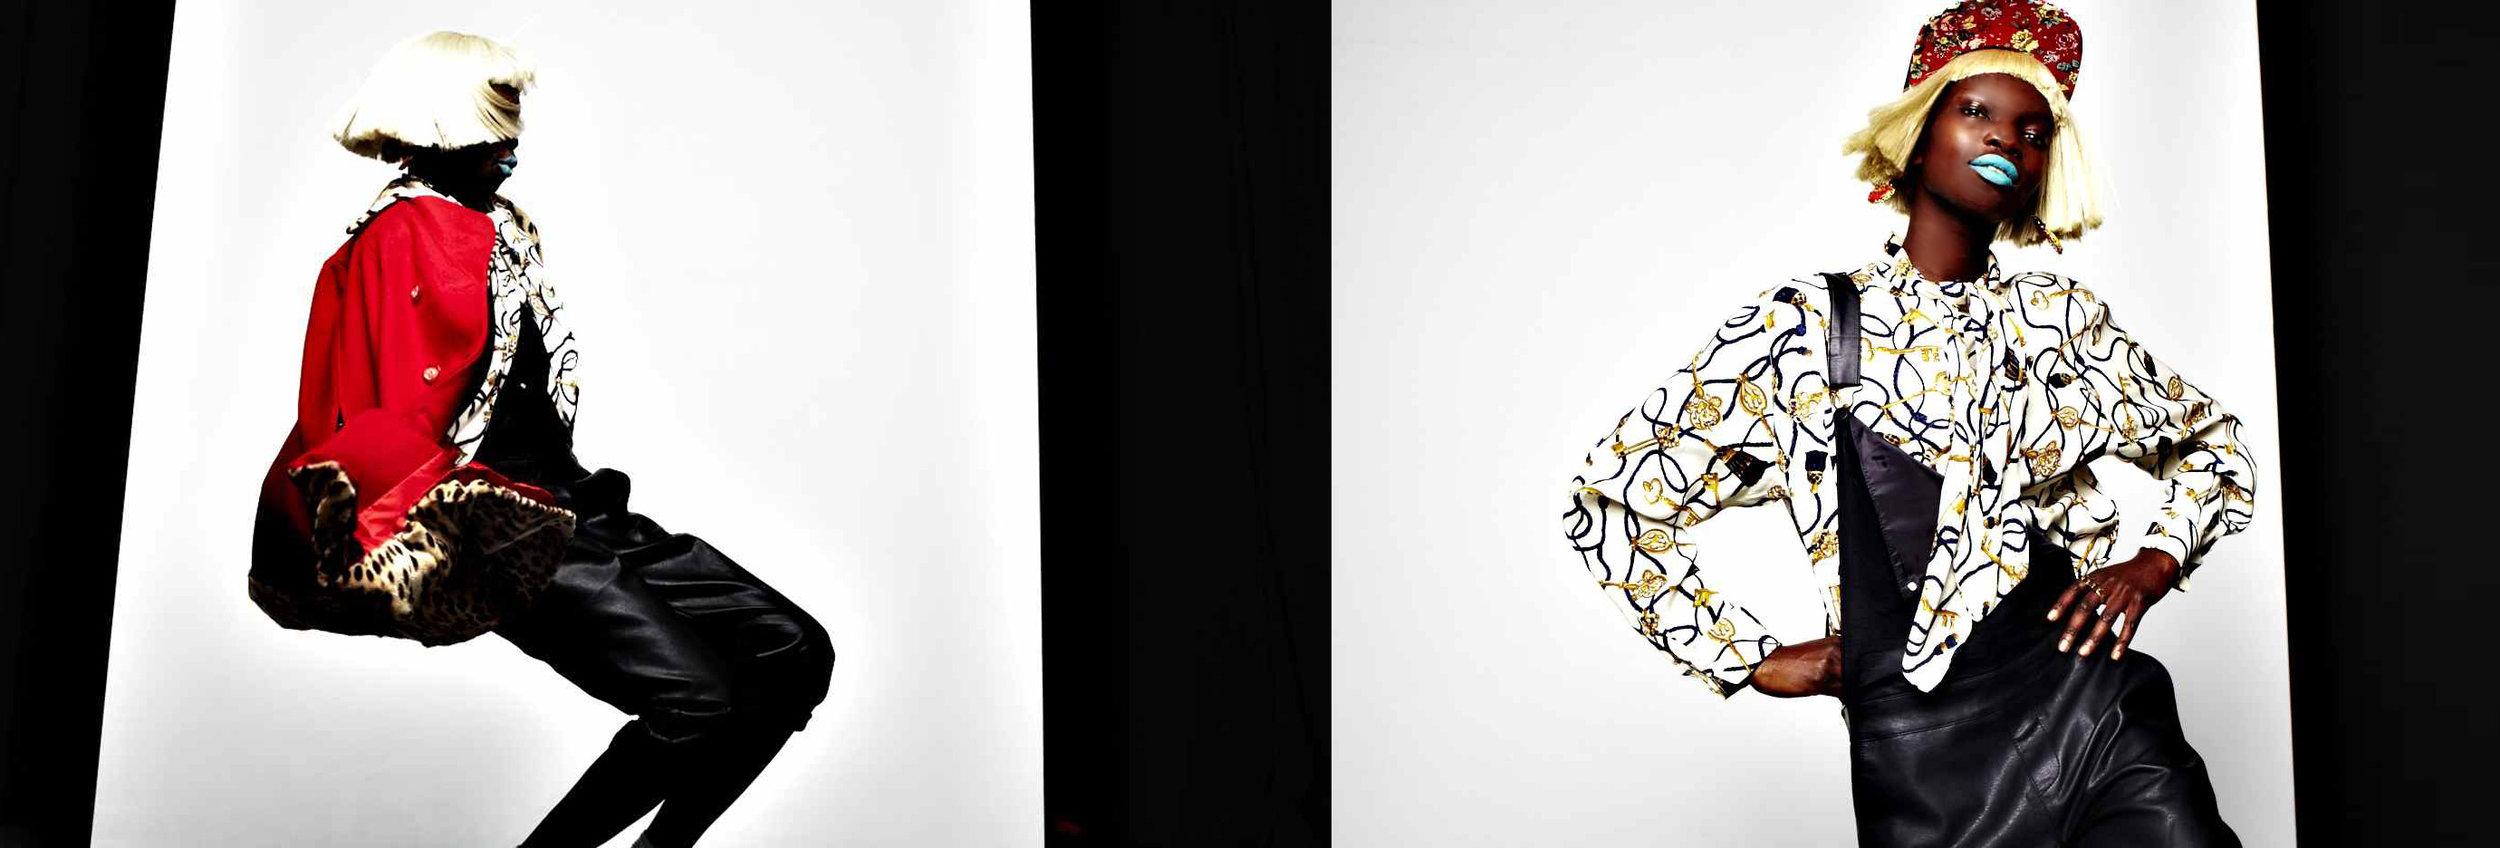 'BUFFALO GYAL'     STYLING + ART DIRECTION